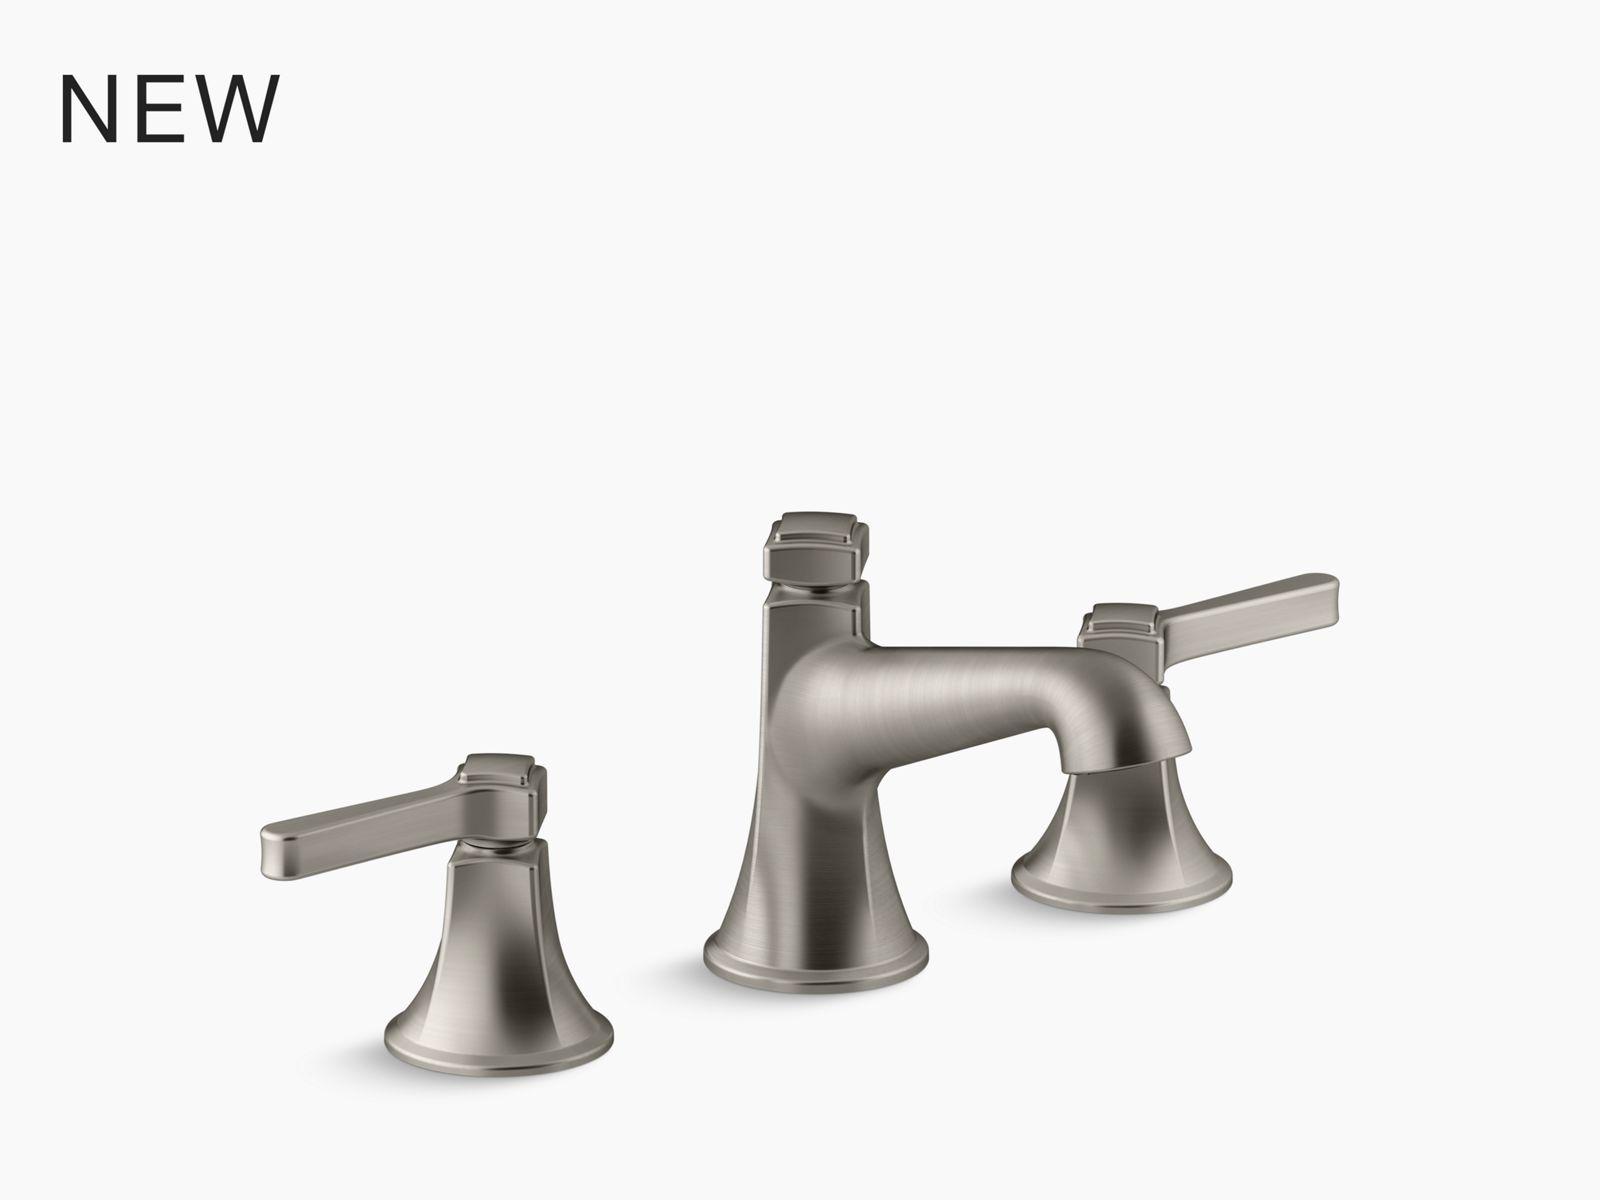 bidet faucets bathroom faucets